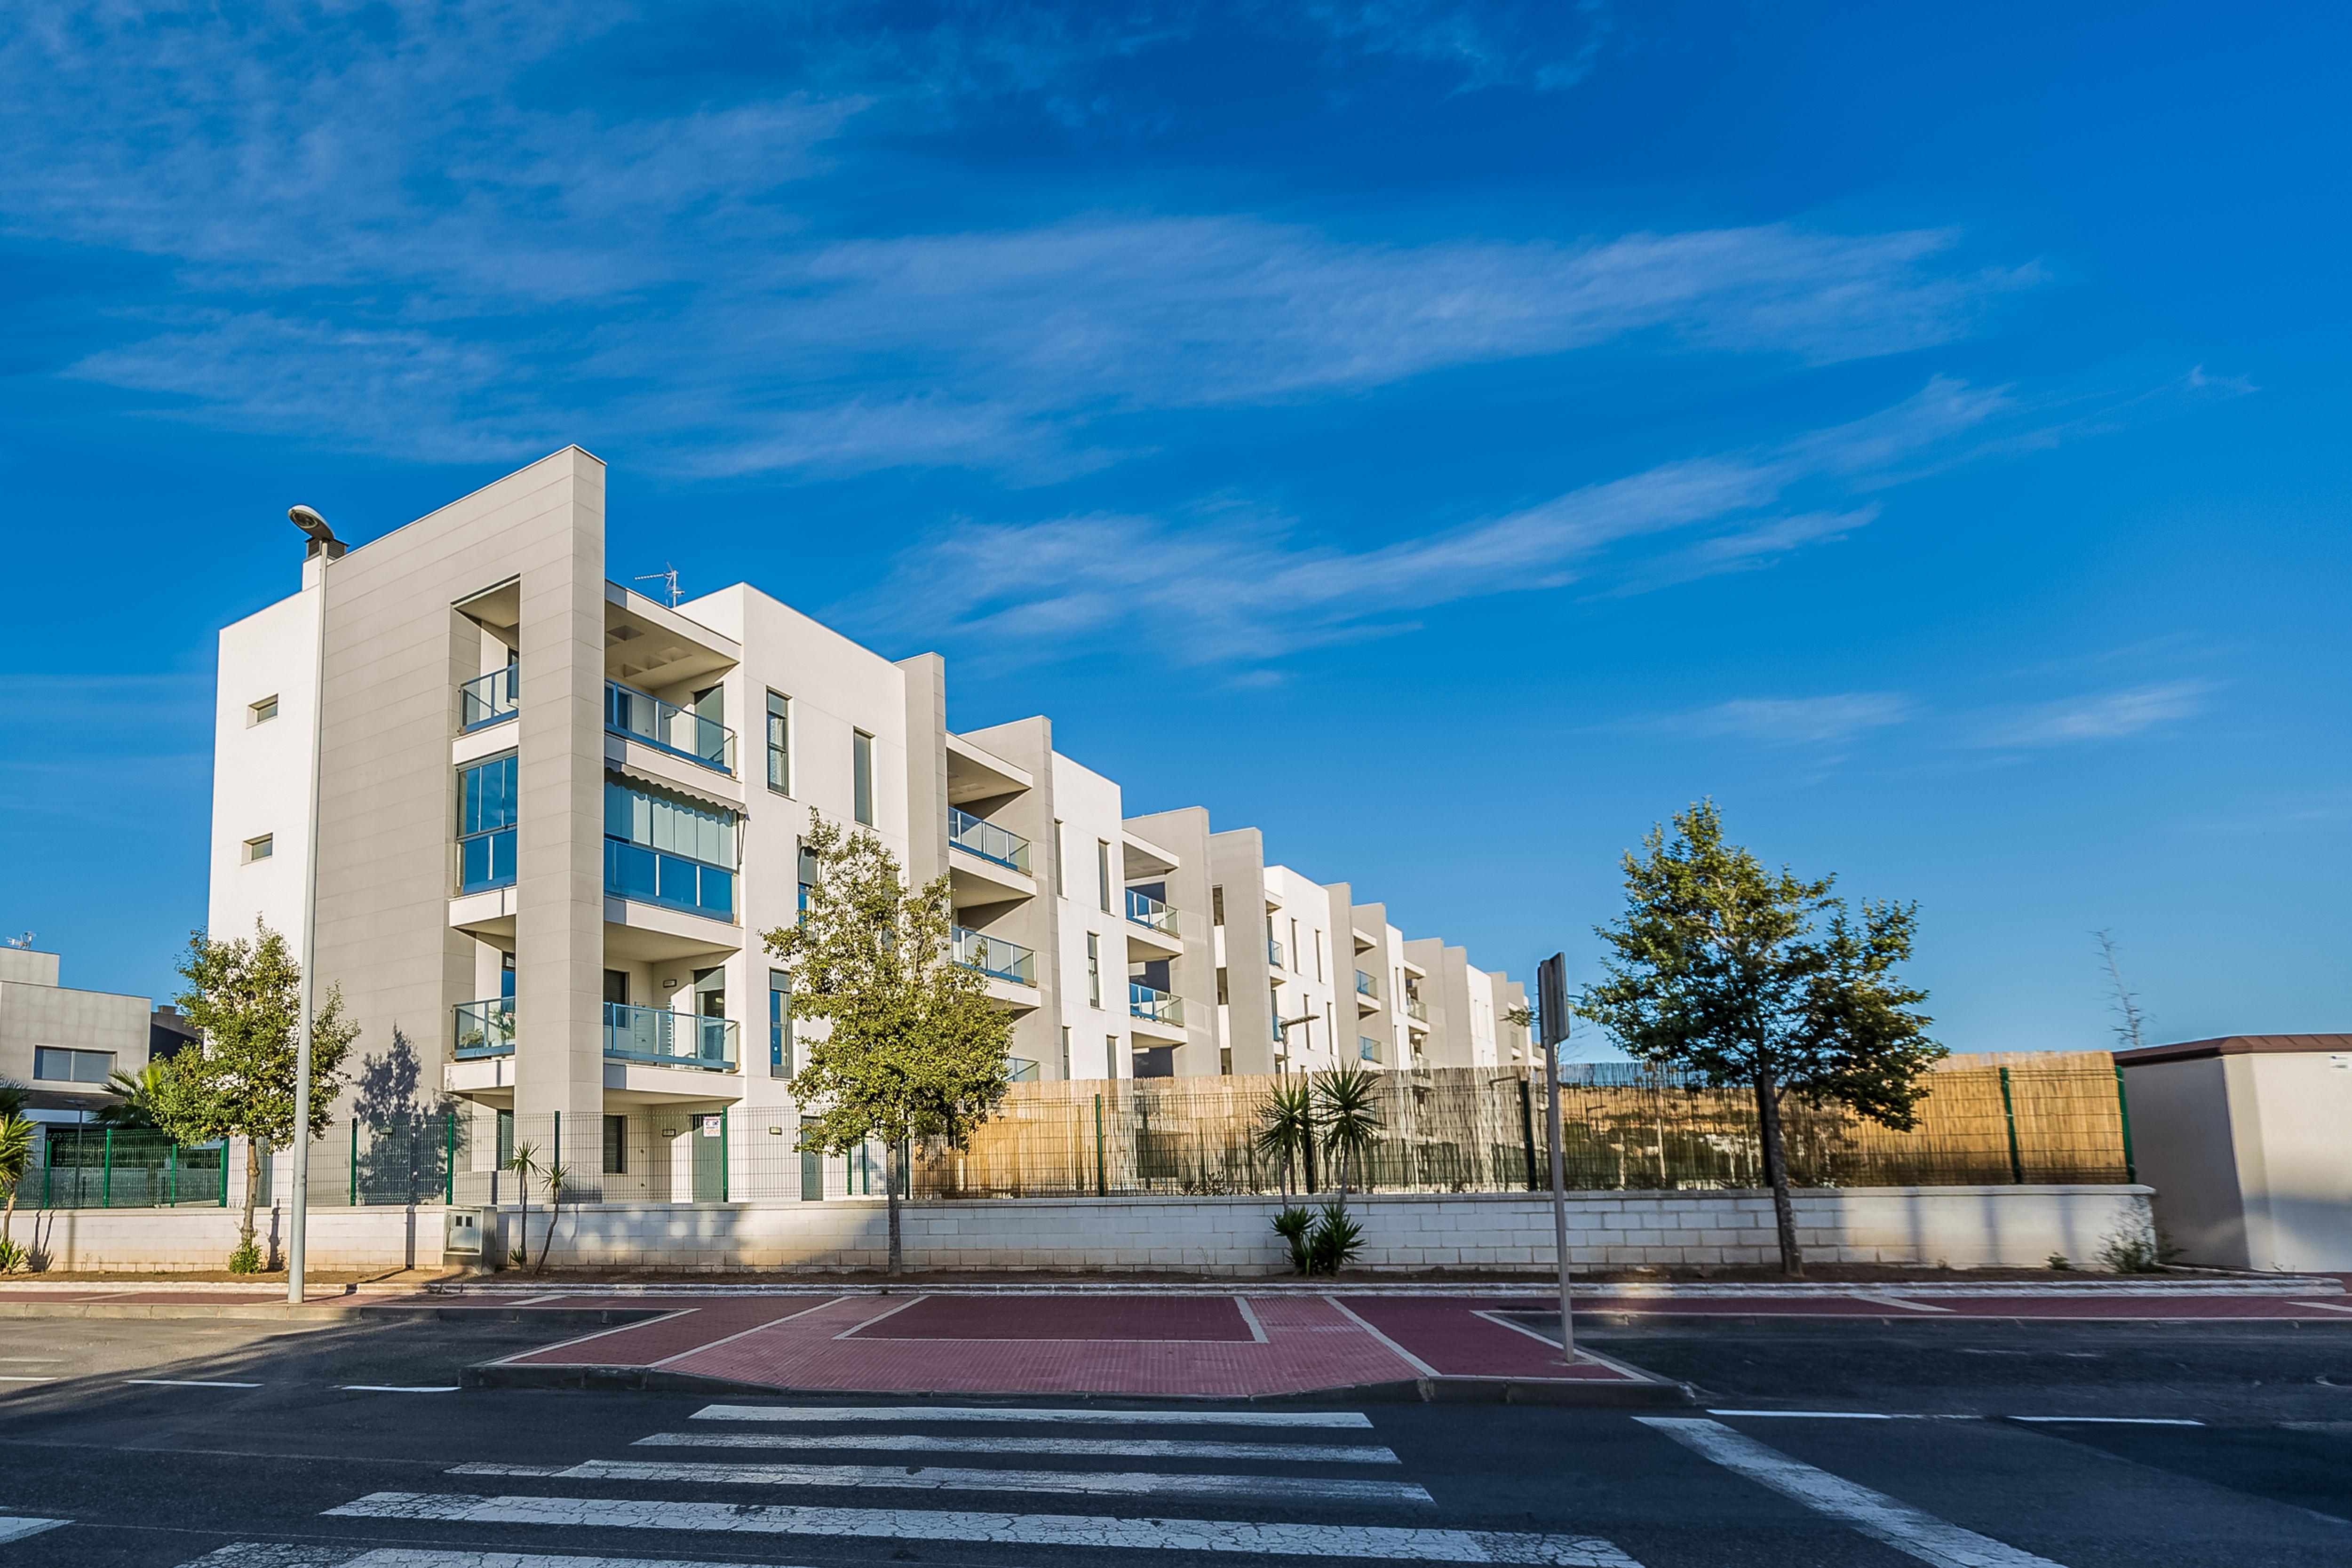 Piso en venta en Piso en El Ejido, Almería, 160.000 €, 2 habitaciones, 2 baños, 89 m2, Garaje